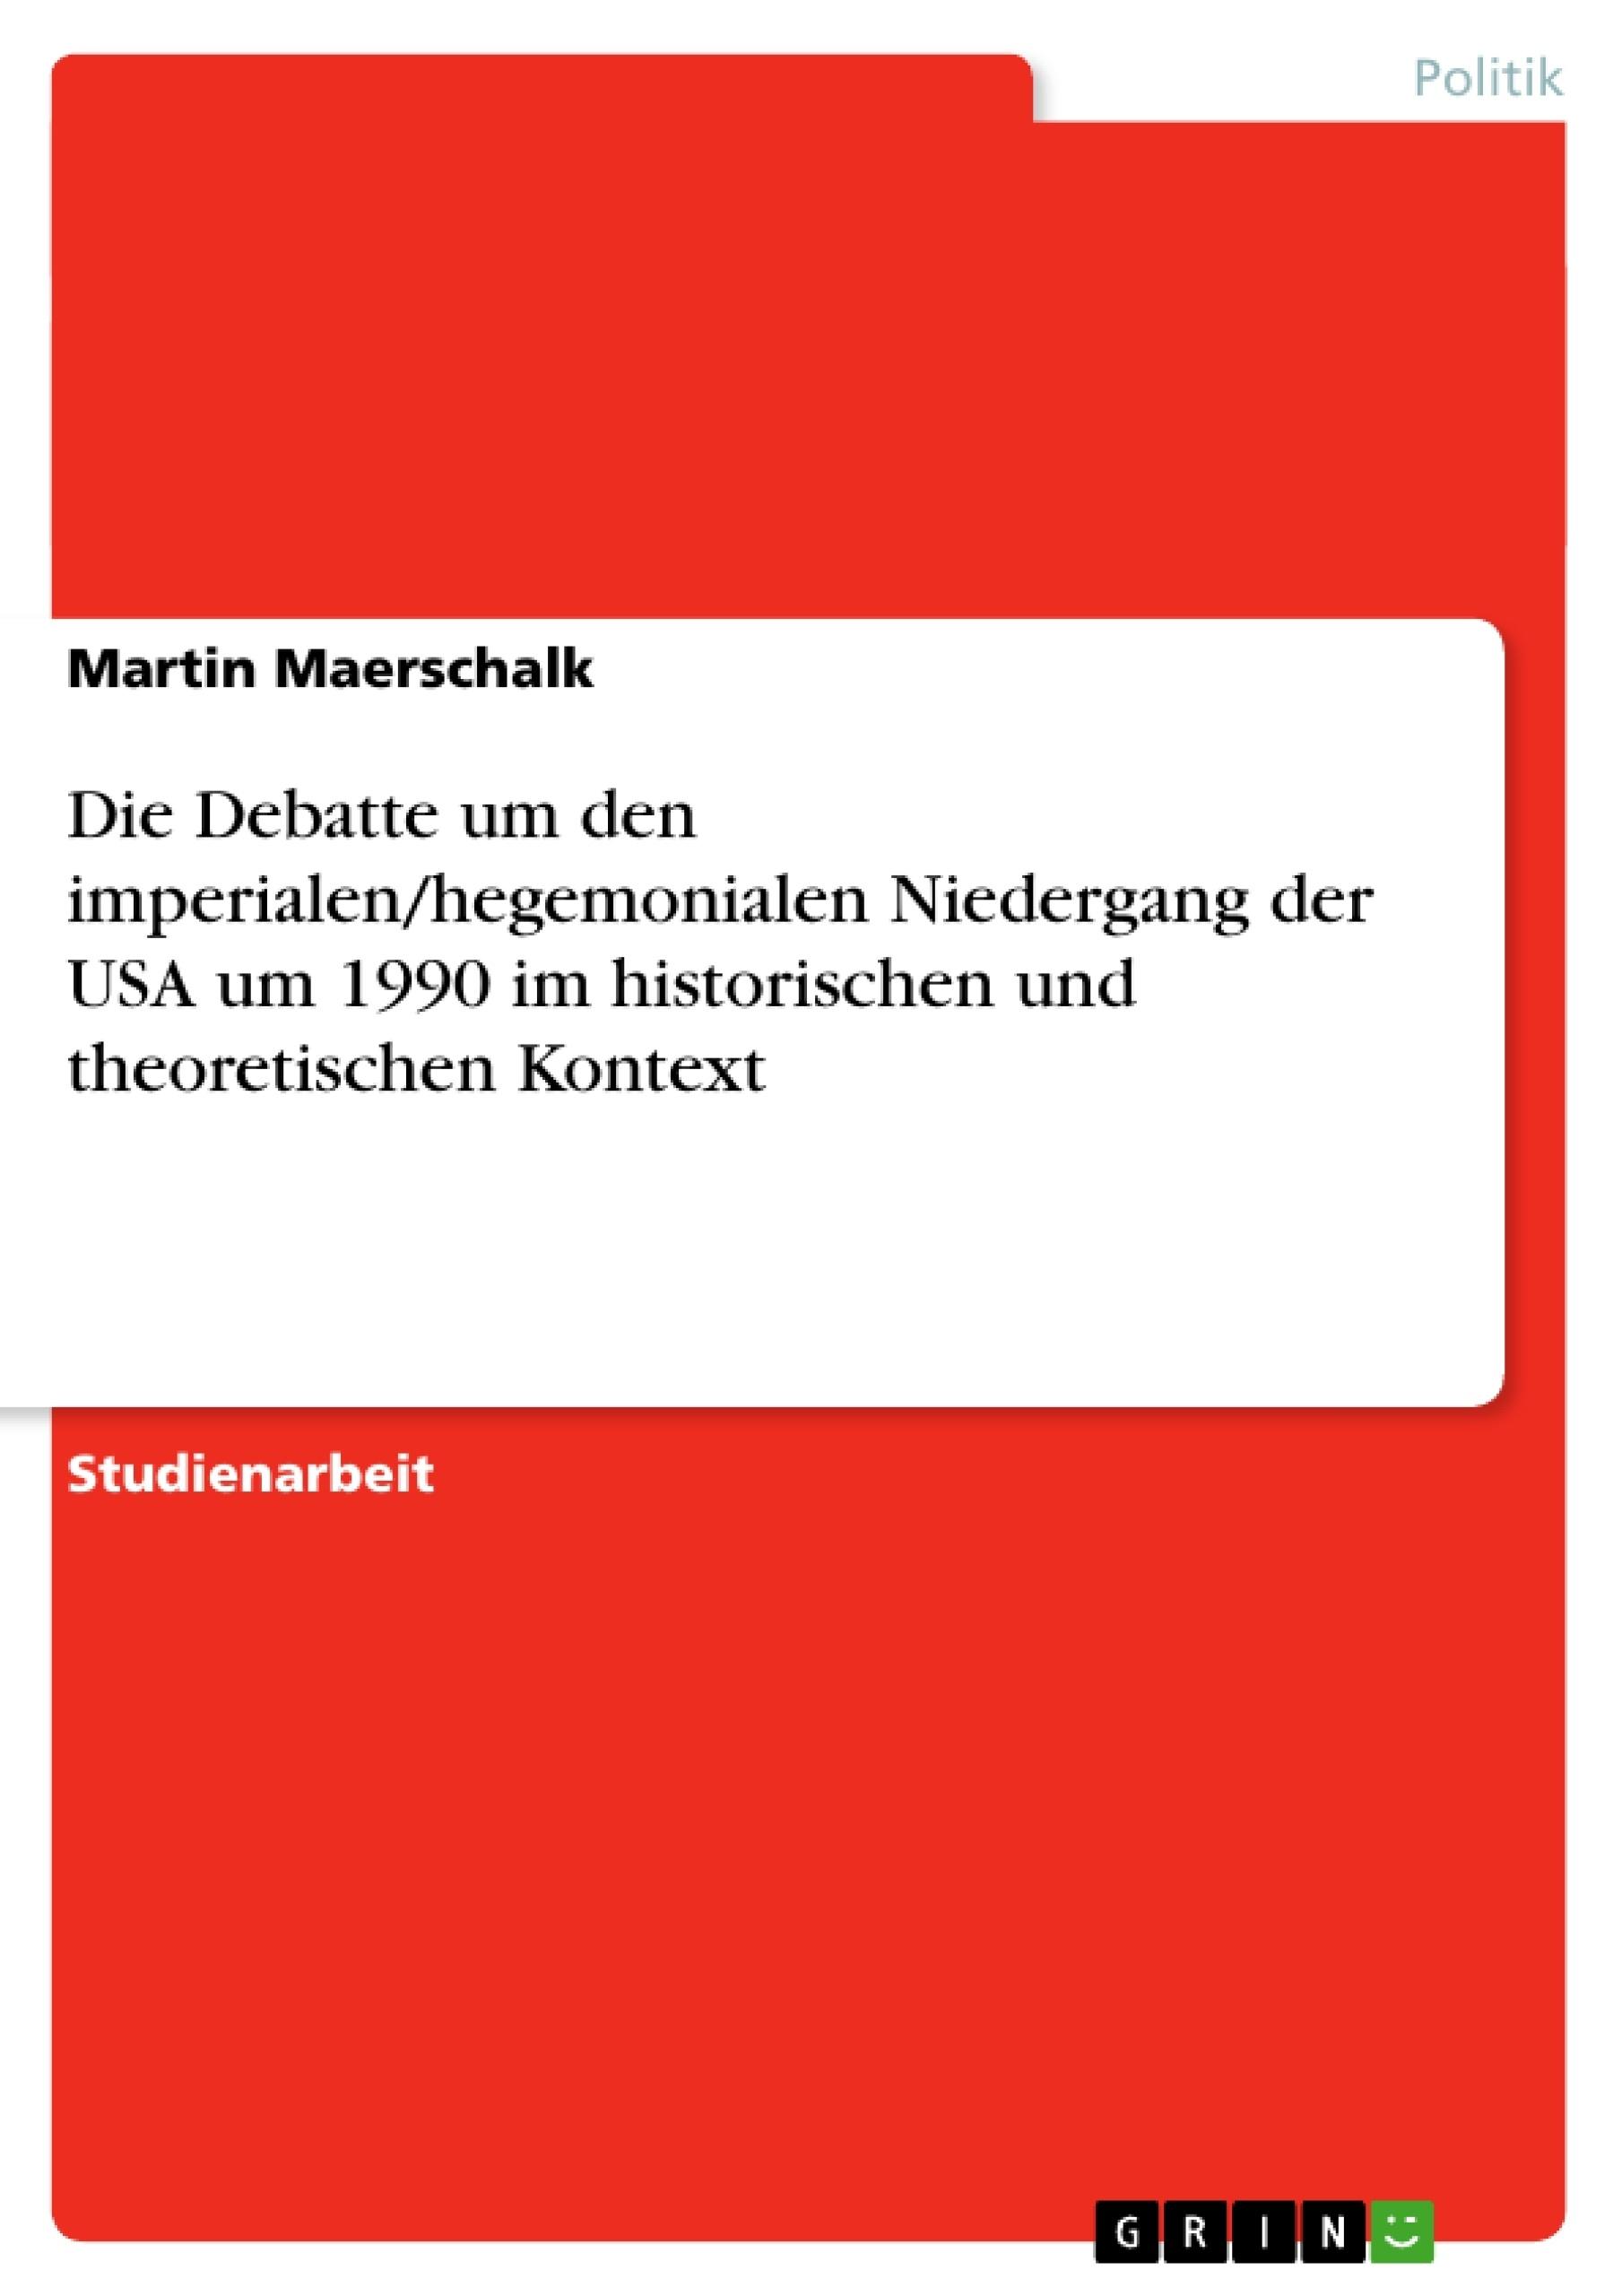 Titel: Die Debatte um den imperialen/hegemonialen Niedergang der USA um 1990 im historischen und theoretischen Kontext